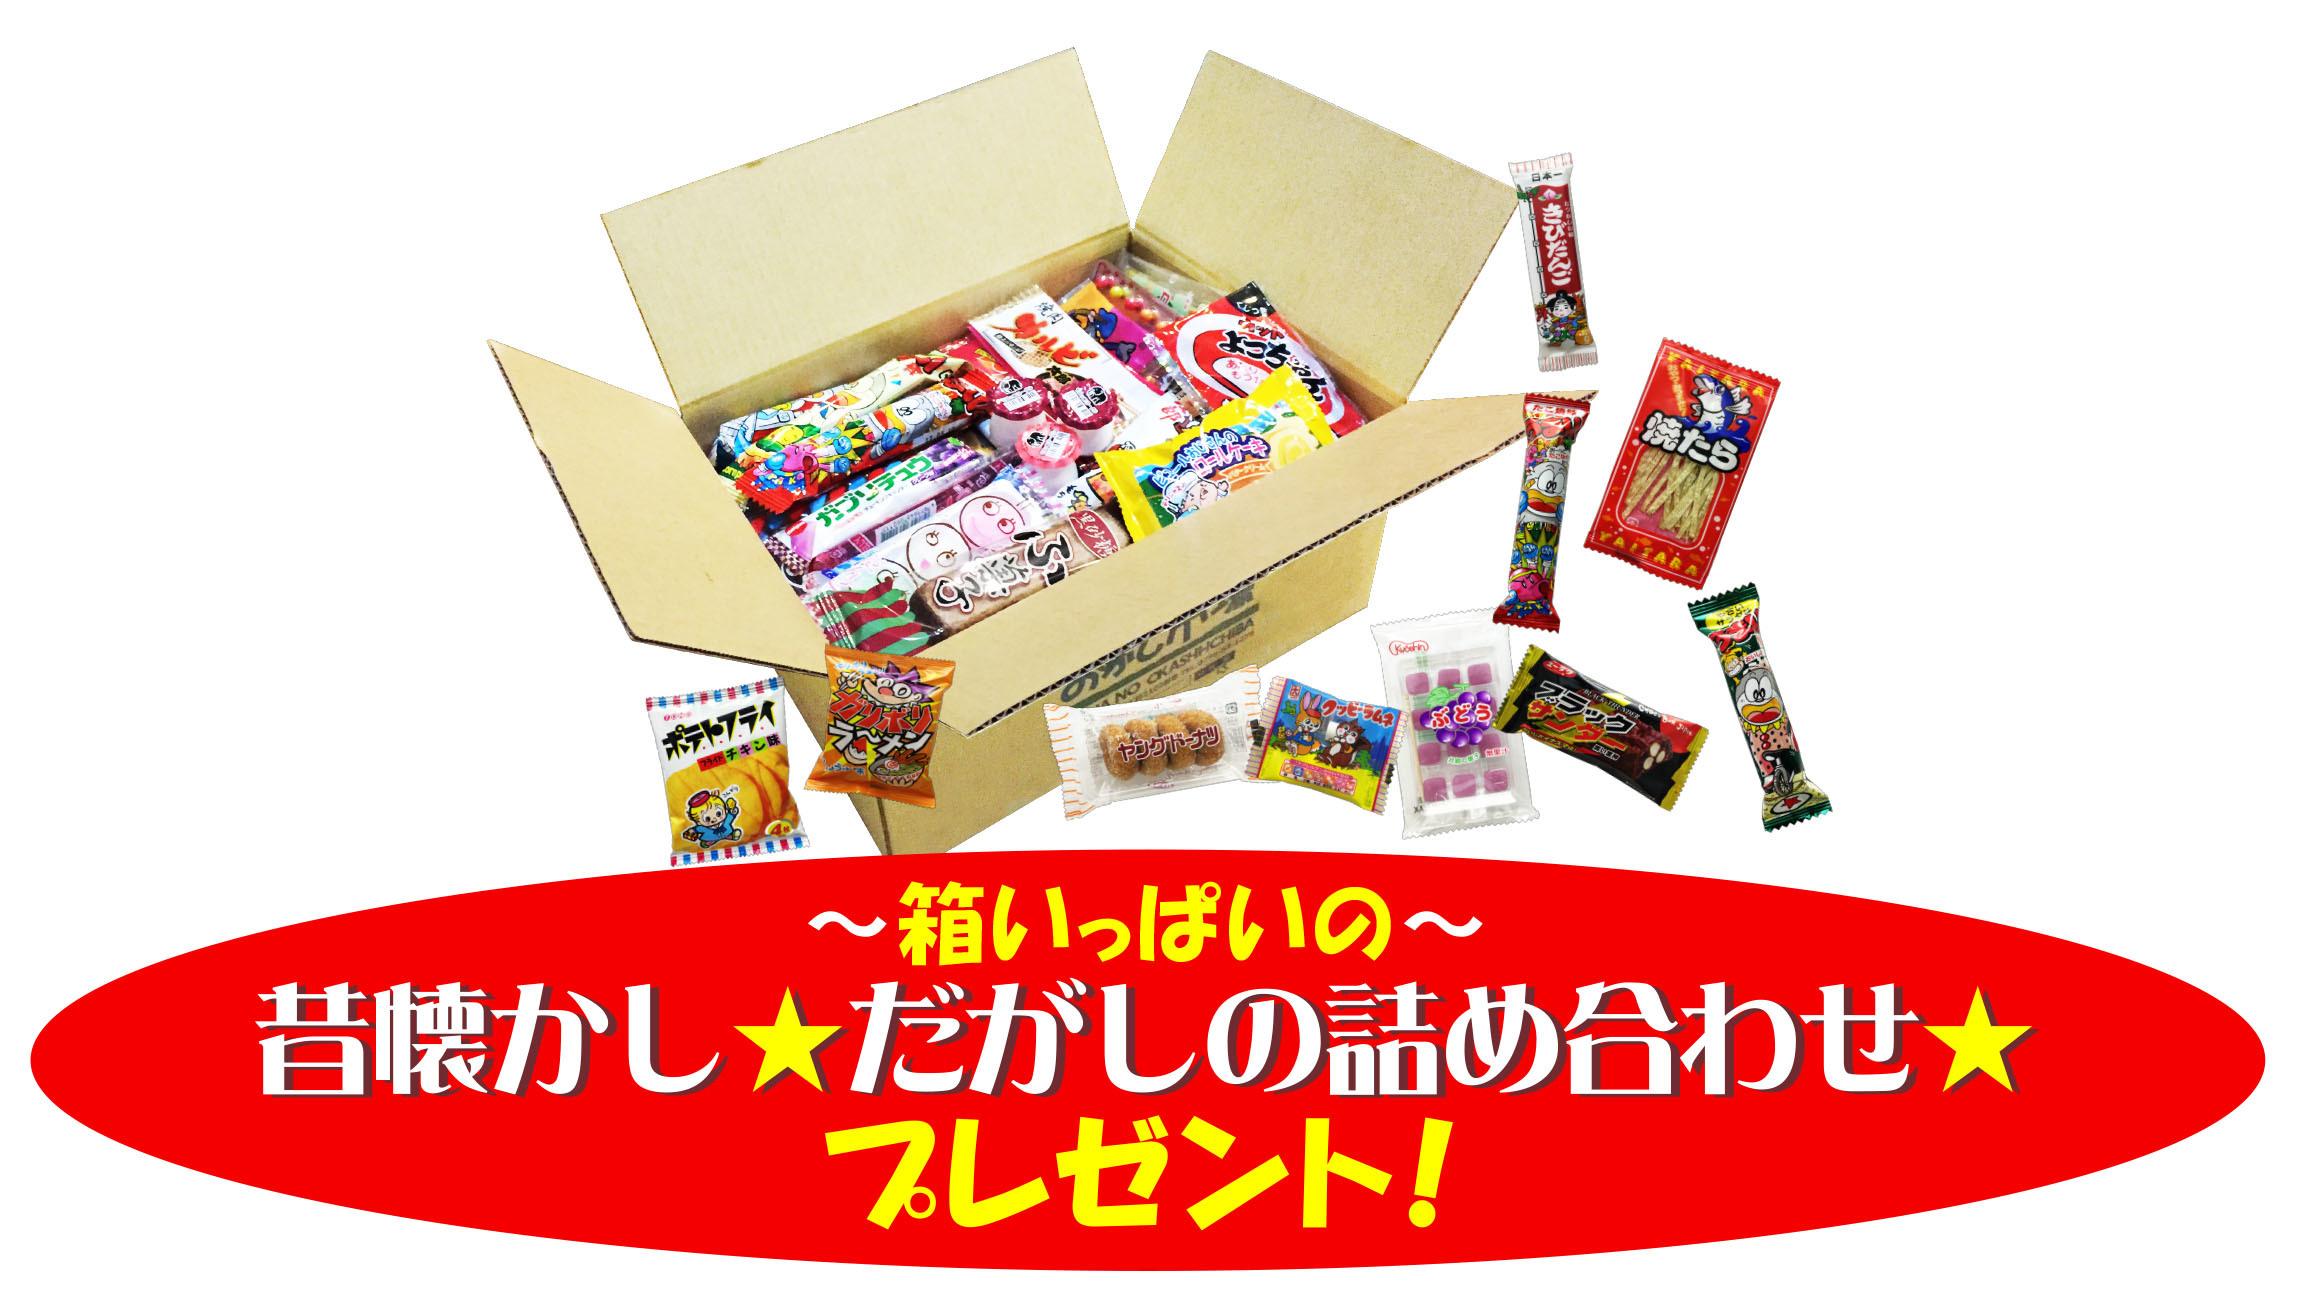 箱いっぱいの昔懐かし☆だがしの詰合わせ☆プレゼント!